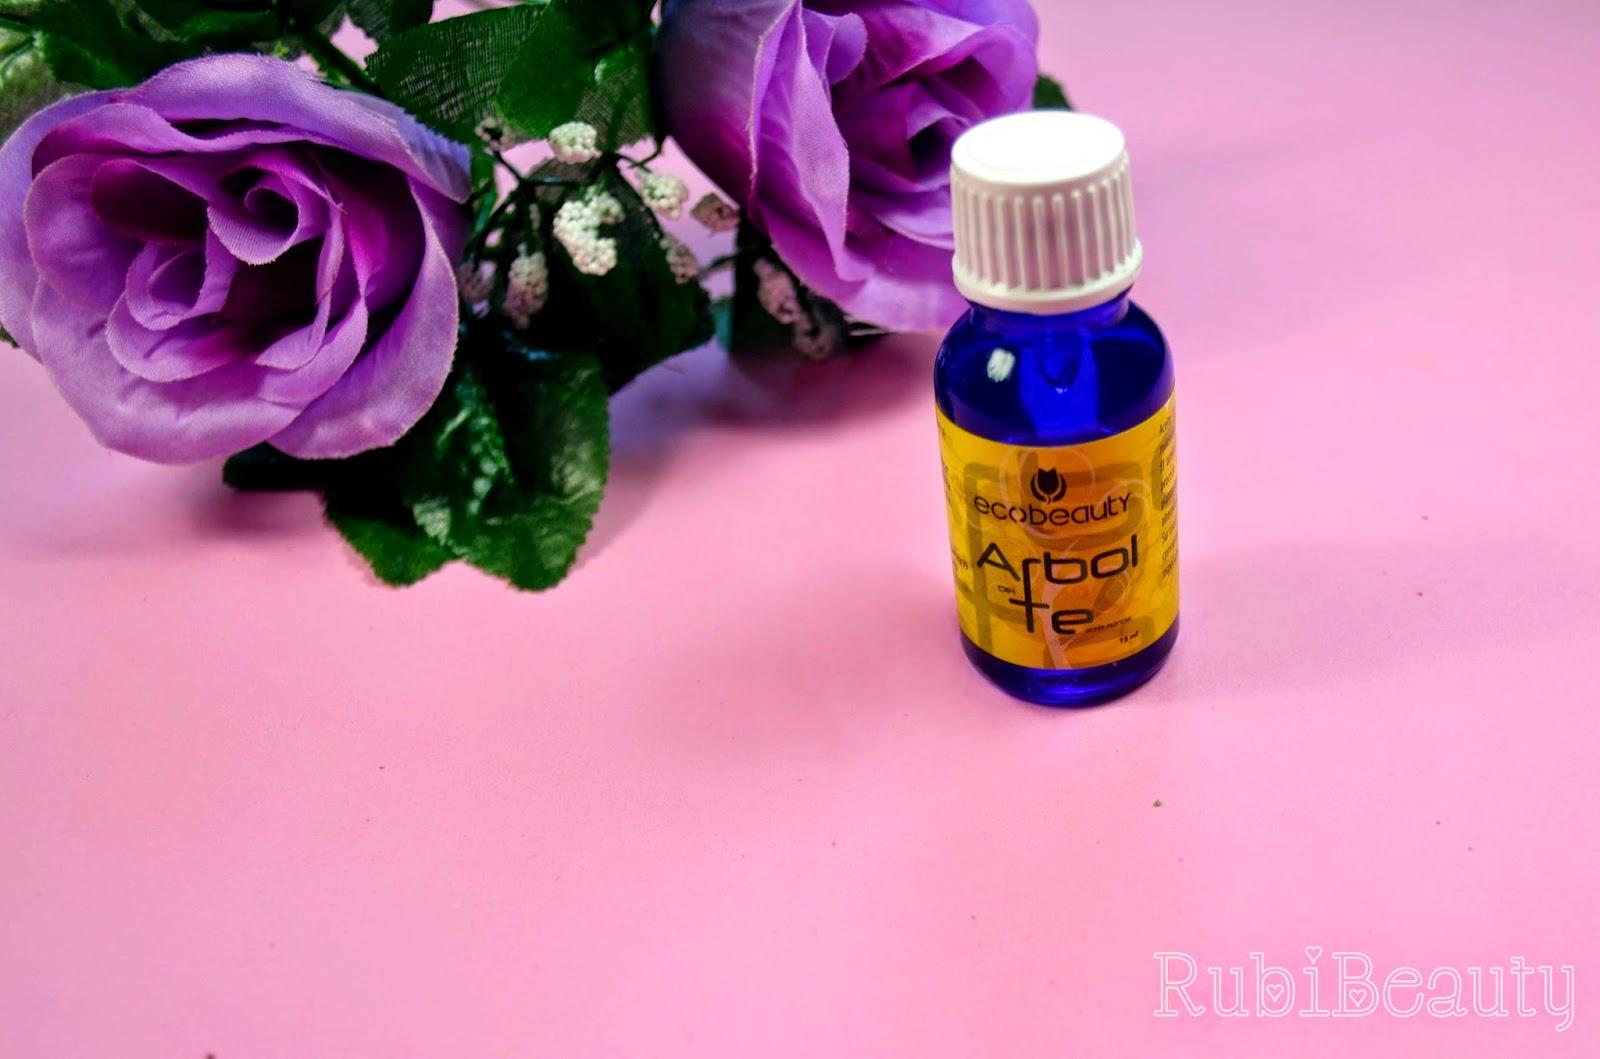 aceite de arbol de te tea tree oil propiedades usos